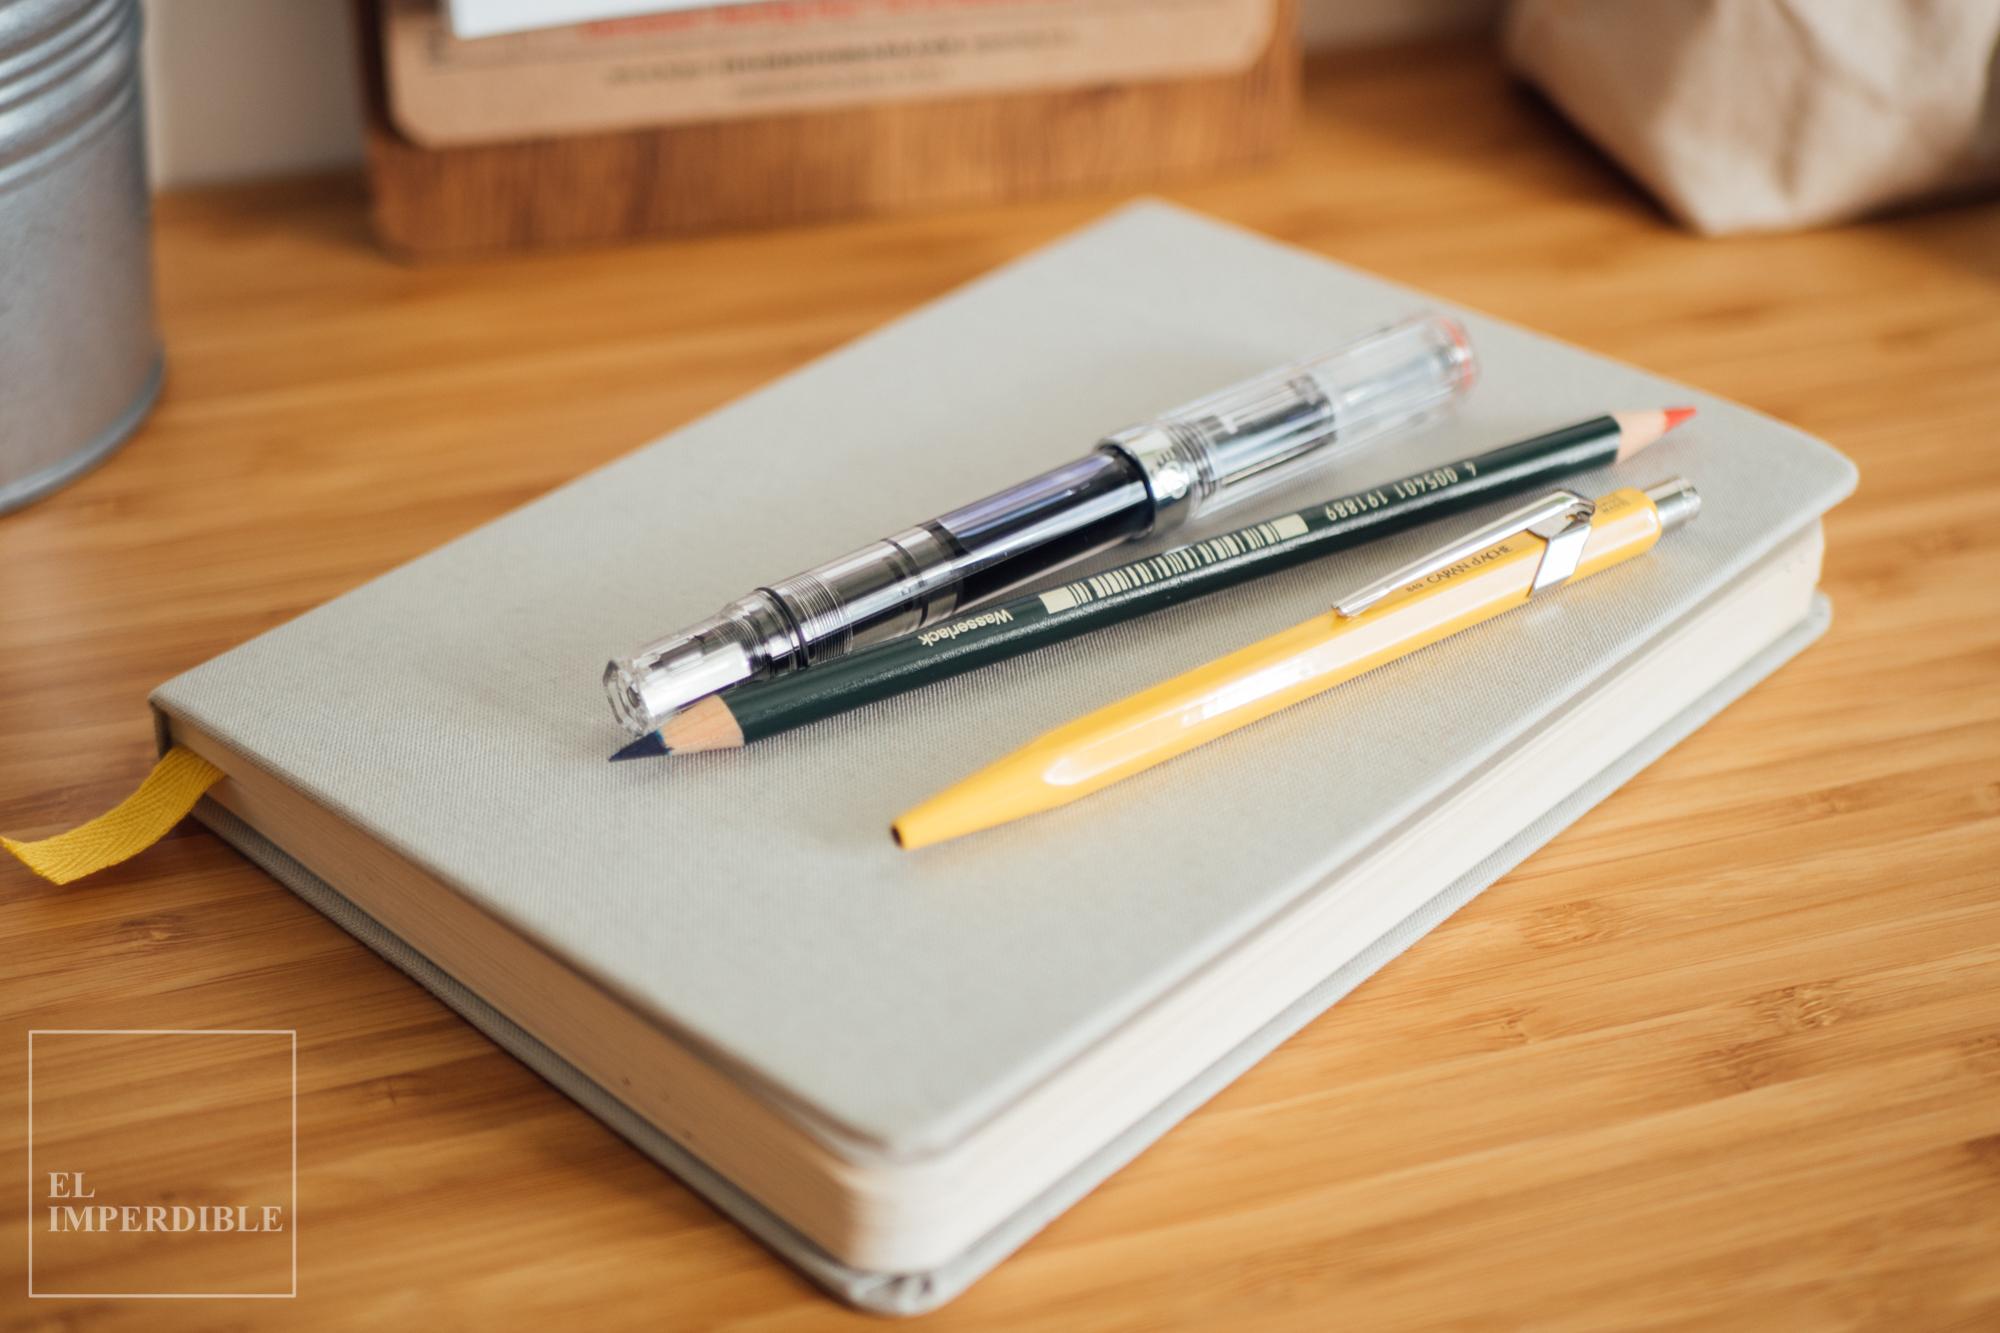 Kit de papelería para escritores Baron Fig BaronFig Confidant Twsbi ECO Clear Caran d'Ache 849 Amarillo Faber Castell